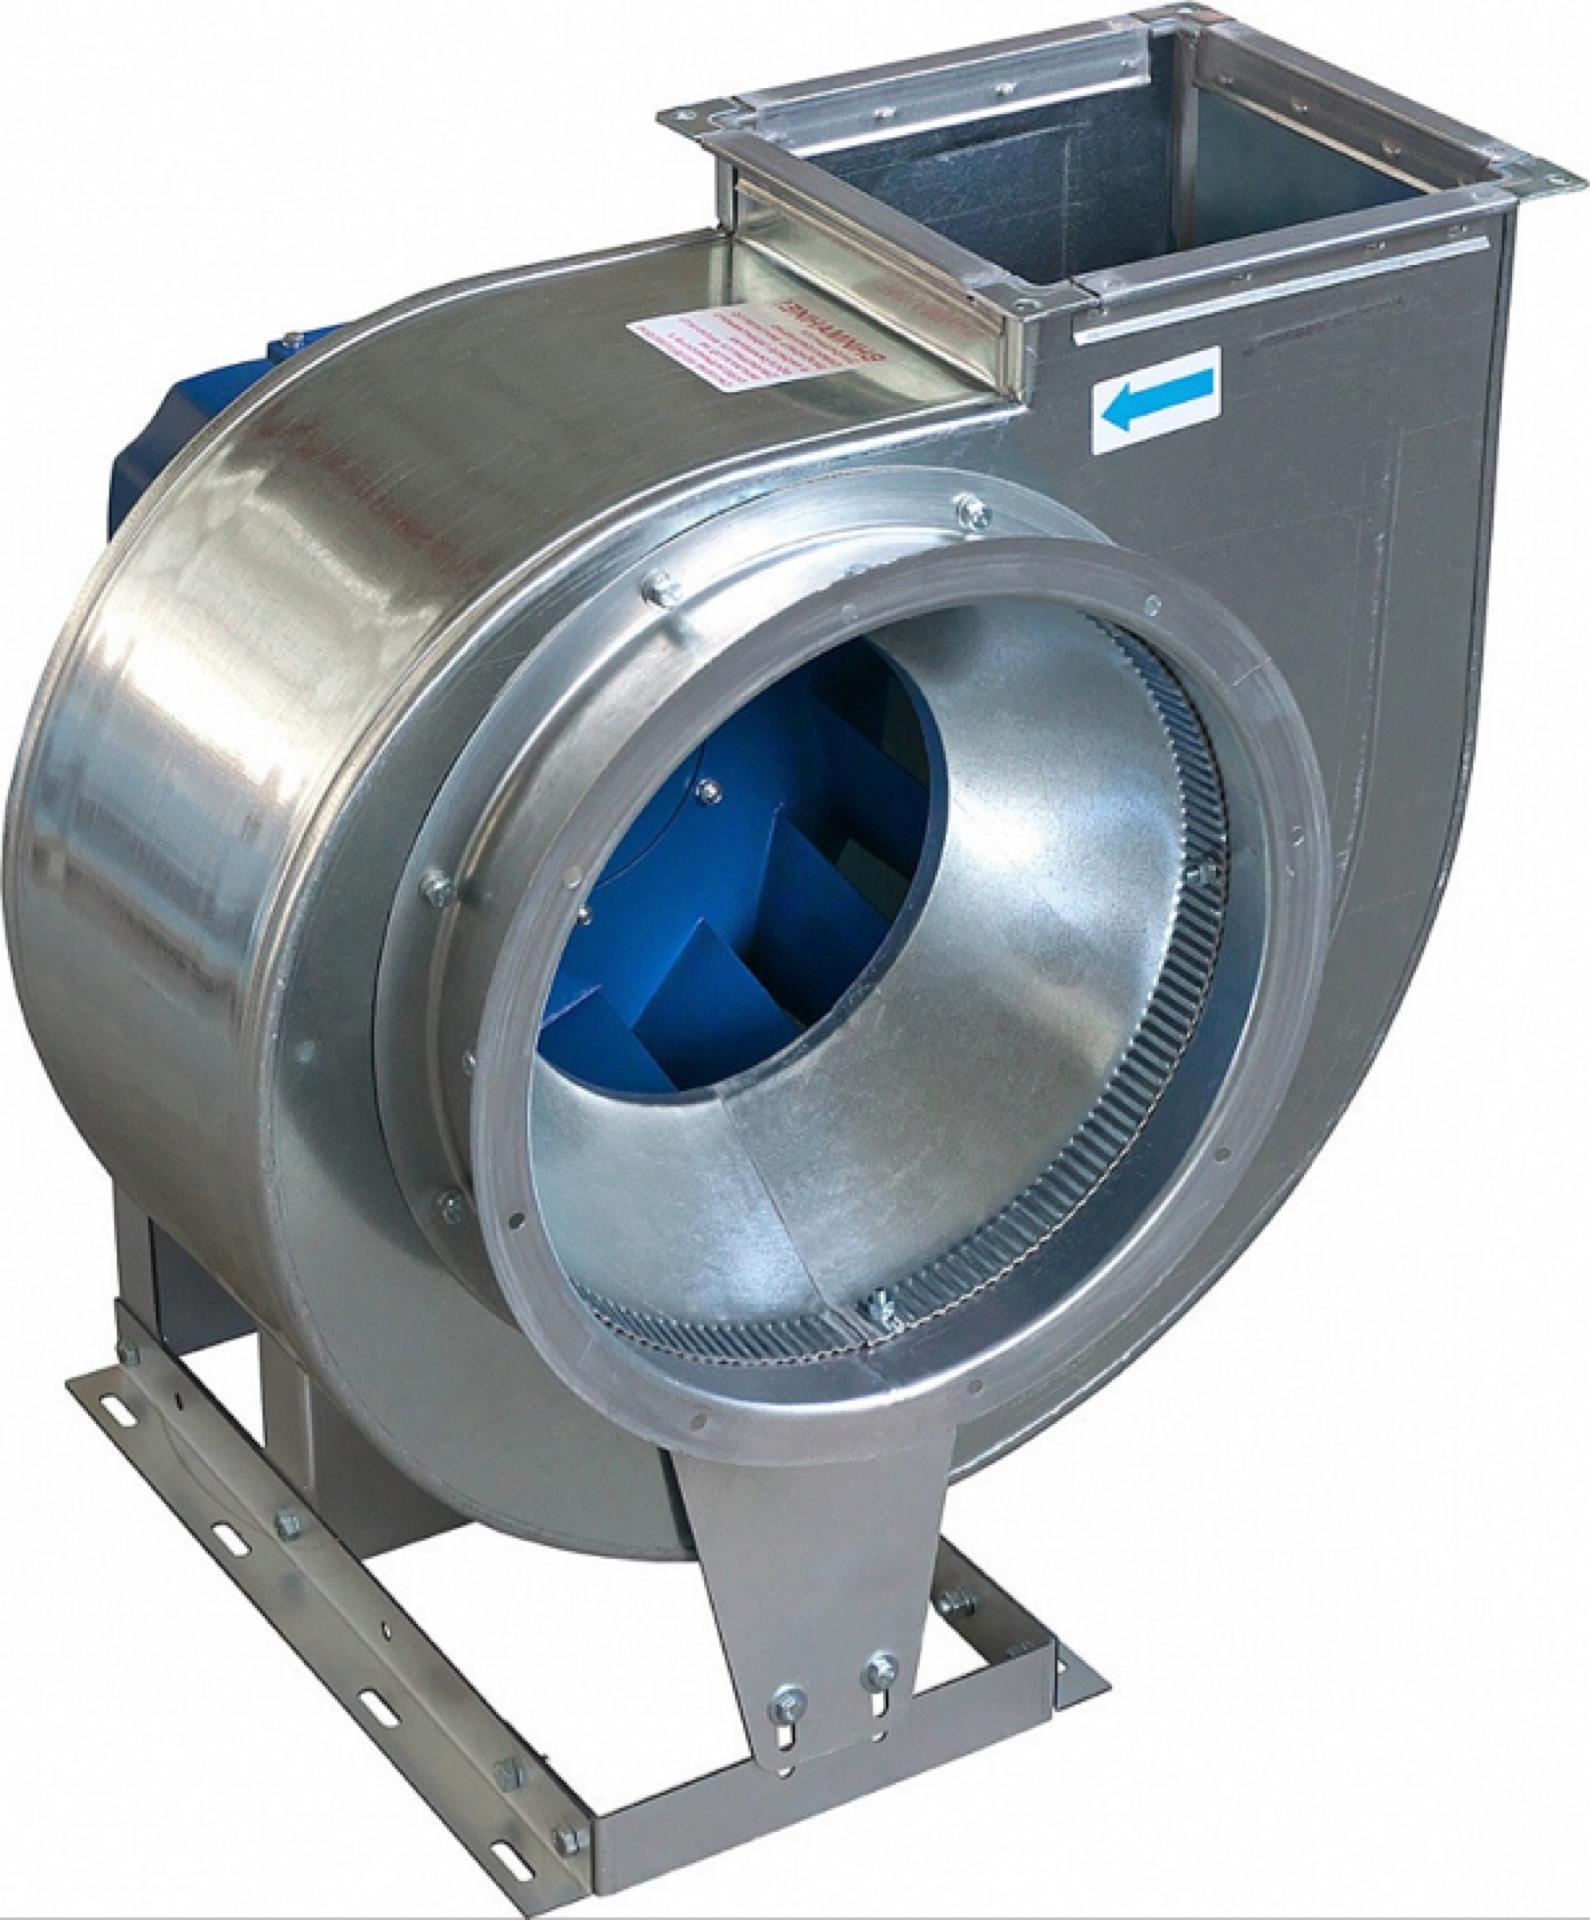 Вентилятор ВР-86-77-3,15 0,37 кВт*1500 об/мин ЛО